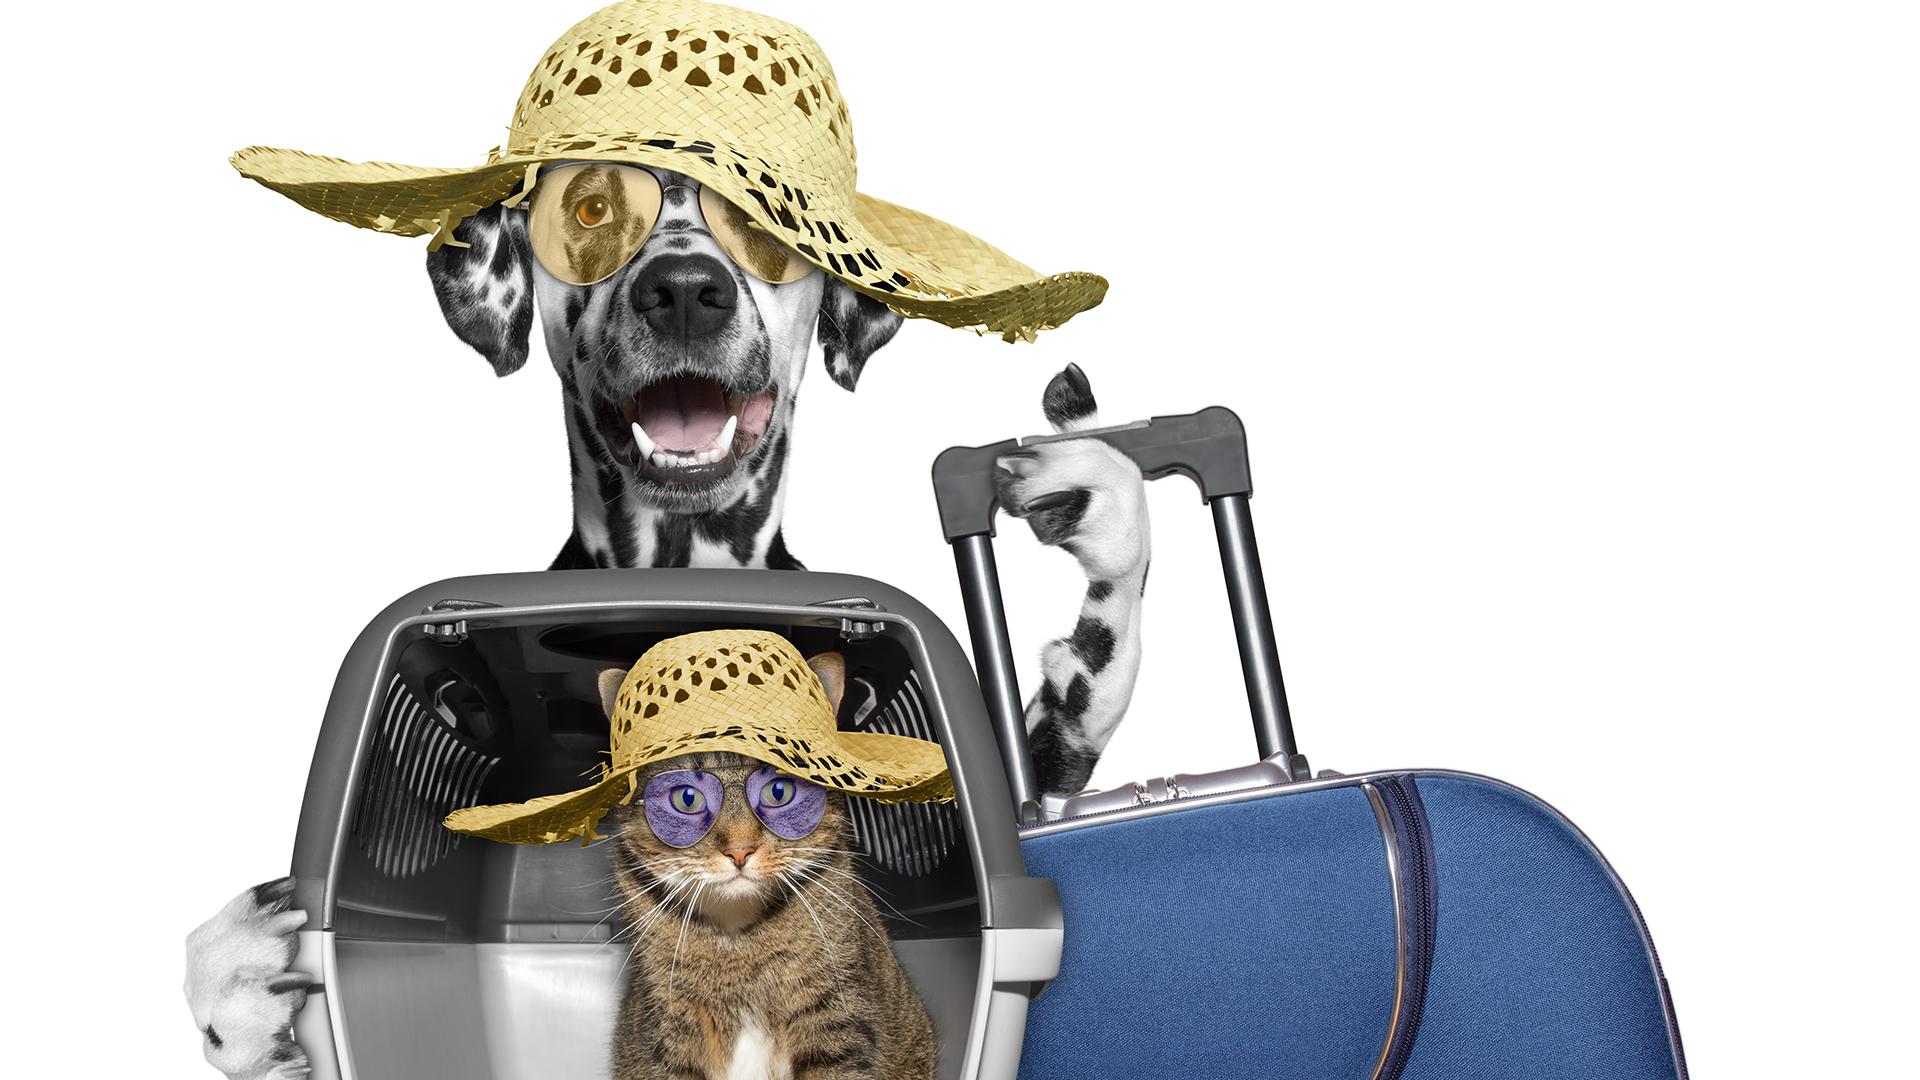 El costo del viaje de nuestro animal depende de su peso y del destino del vuelo.